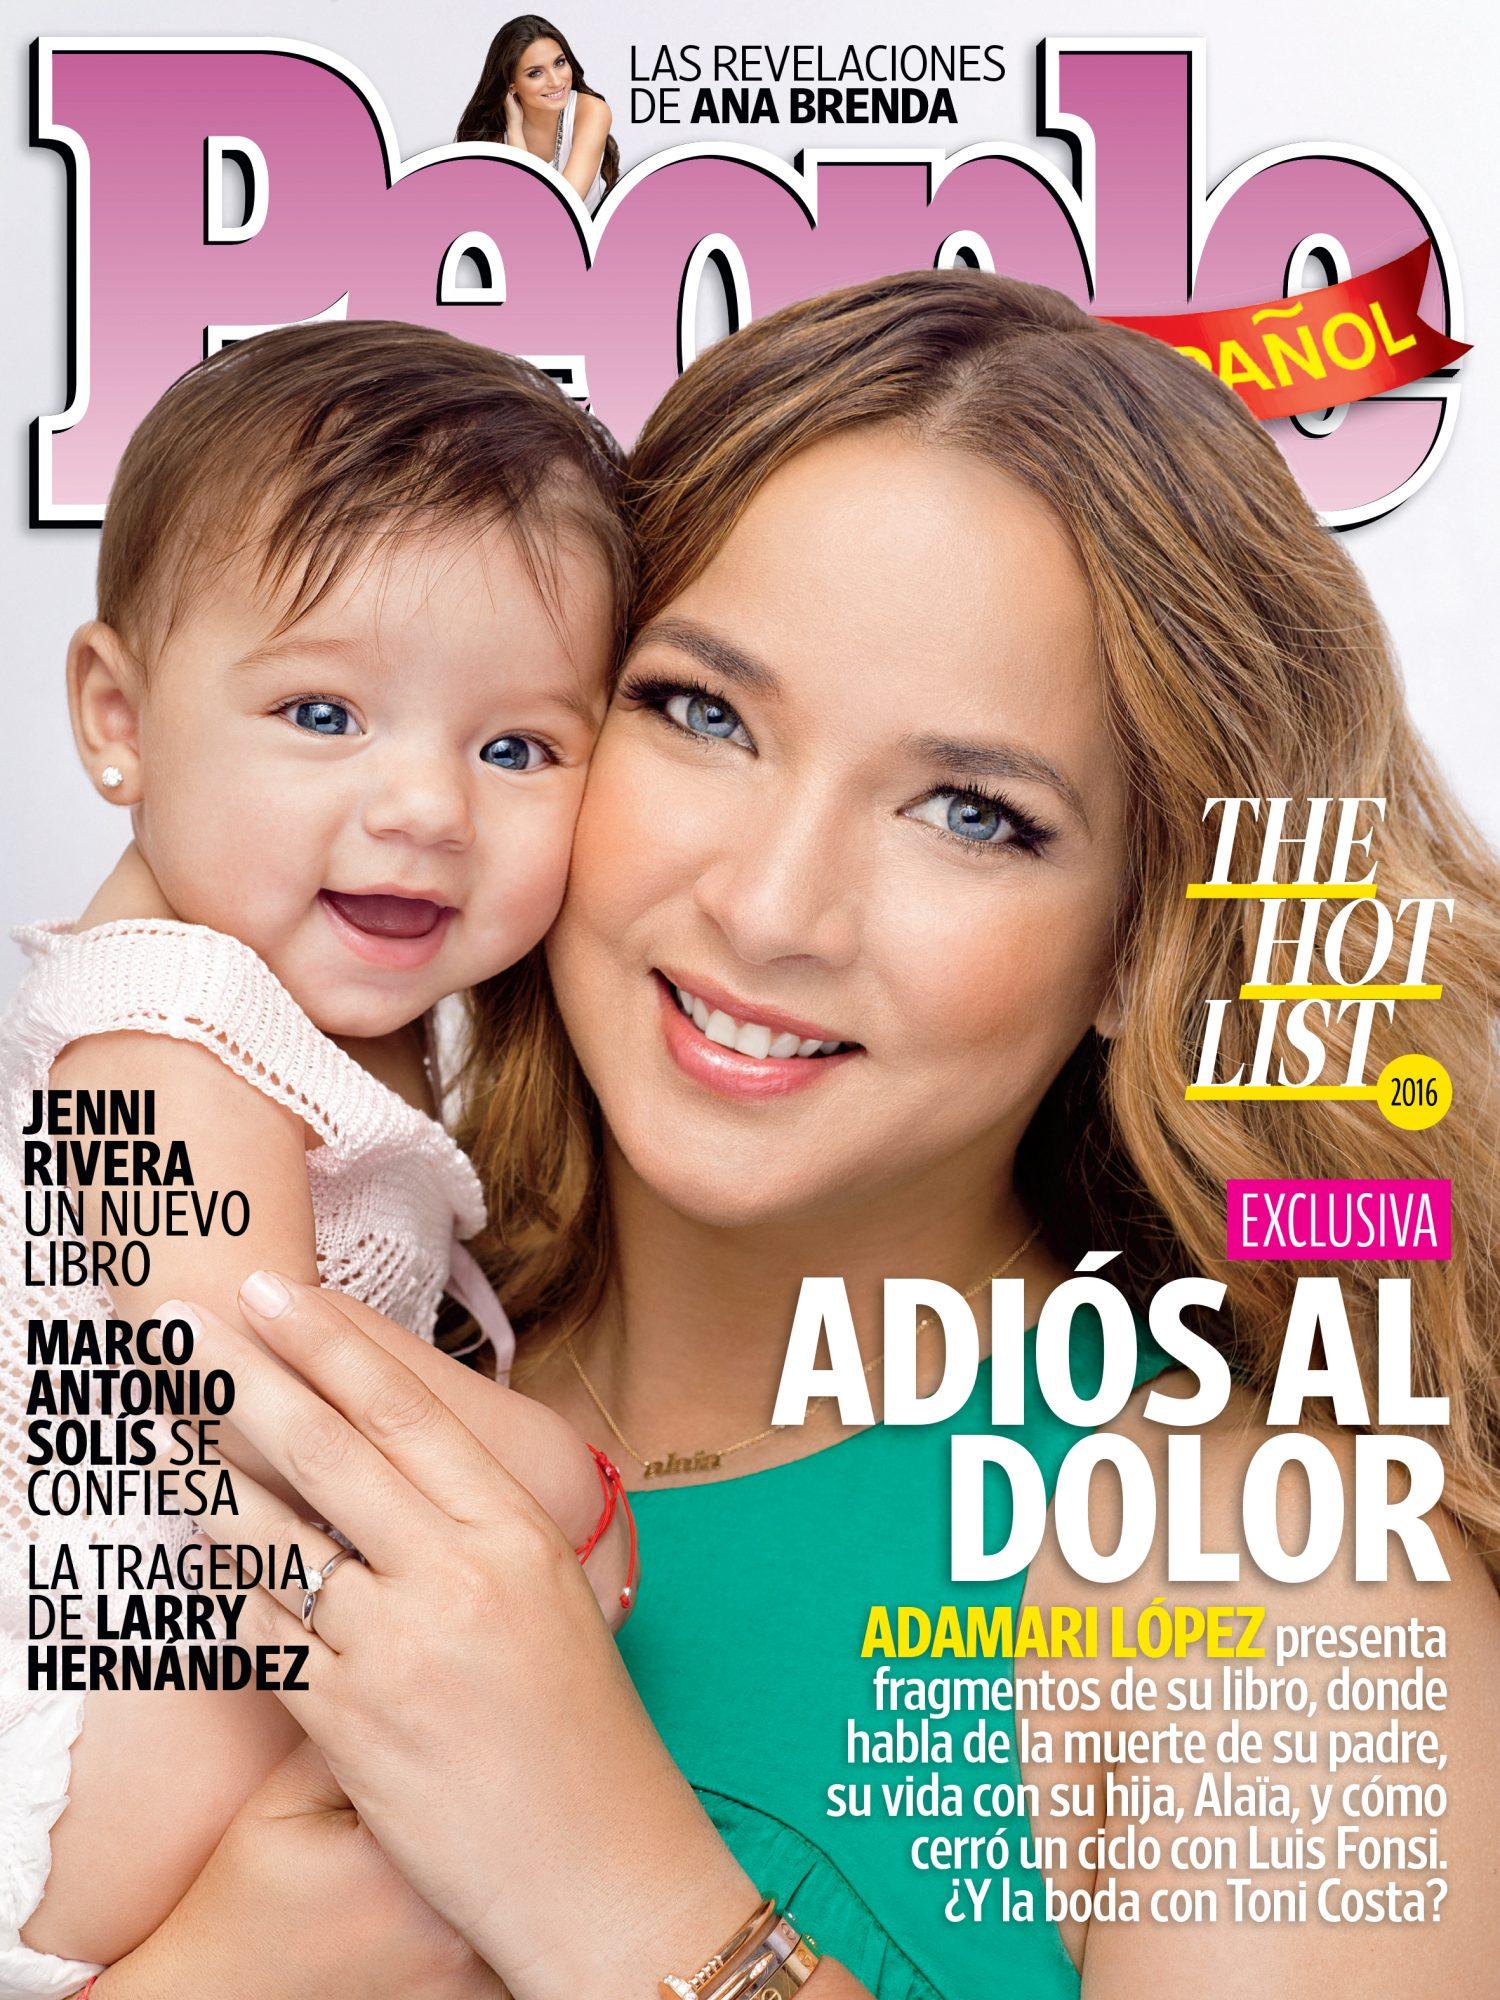 Adamari Lopez y Alaia - Diciembre 2015 : Enero 2016 Portada COVER